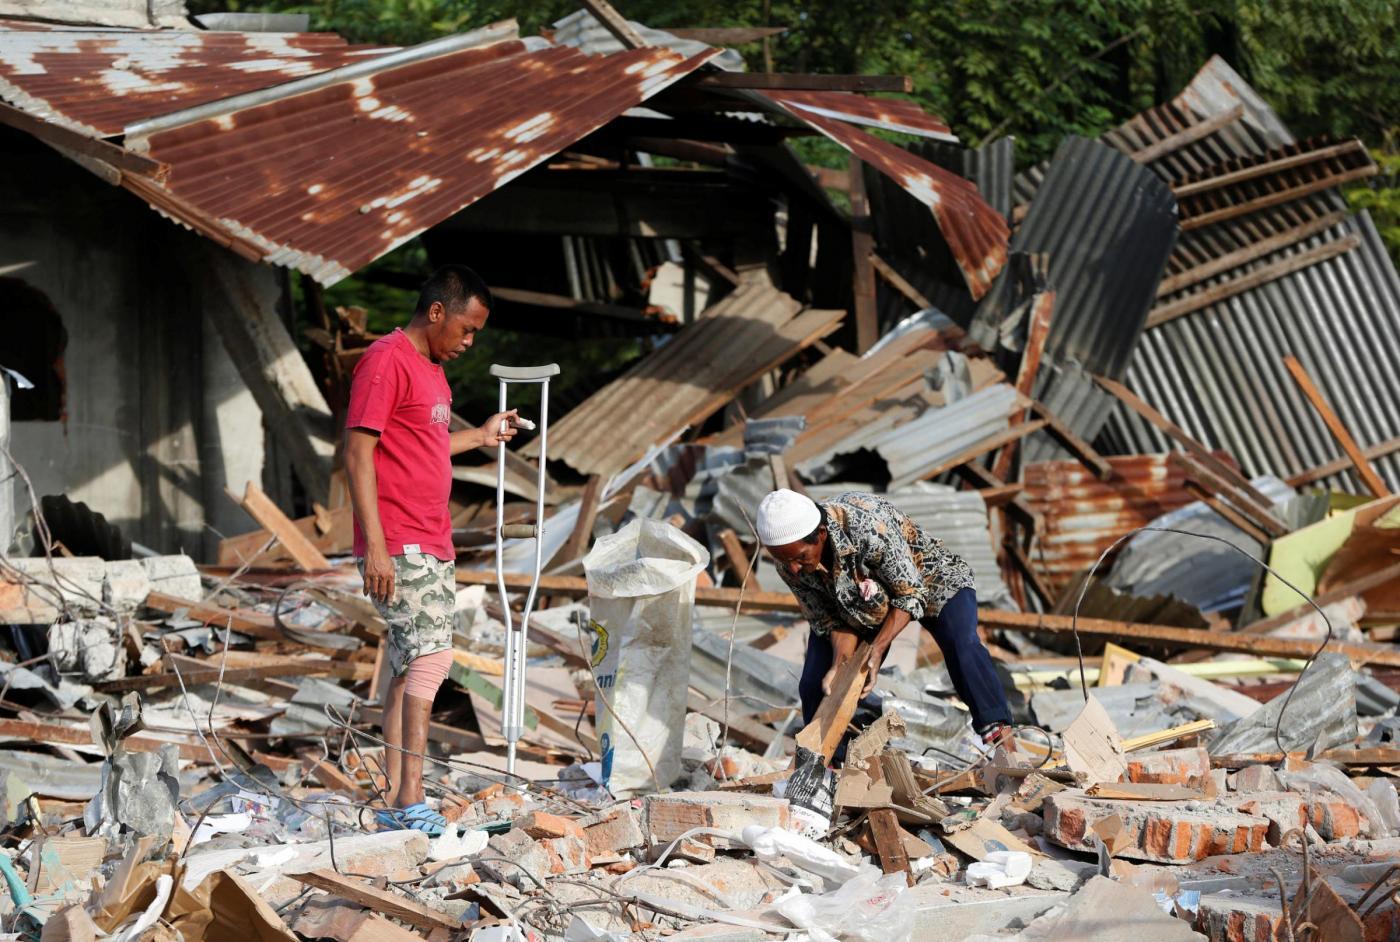 Terremoto indonesia il numero degli sfollati sale a 84mila meteo web - Casa senza fondamenta terremoto ...